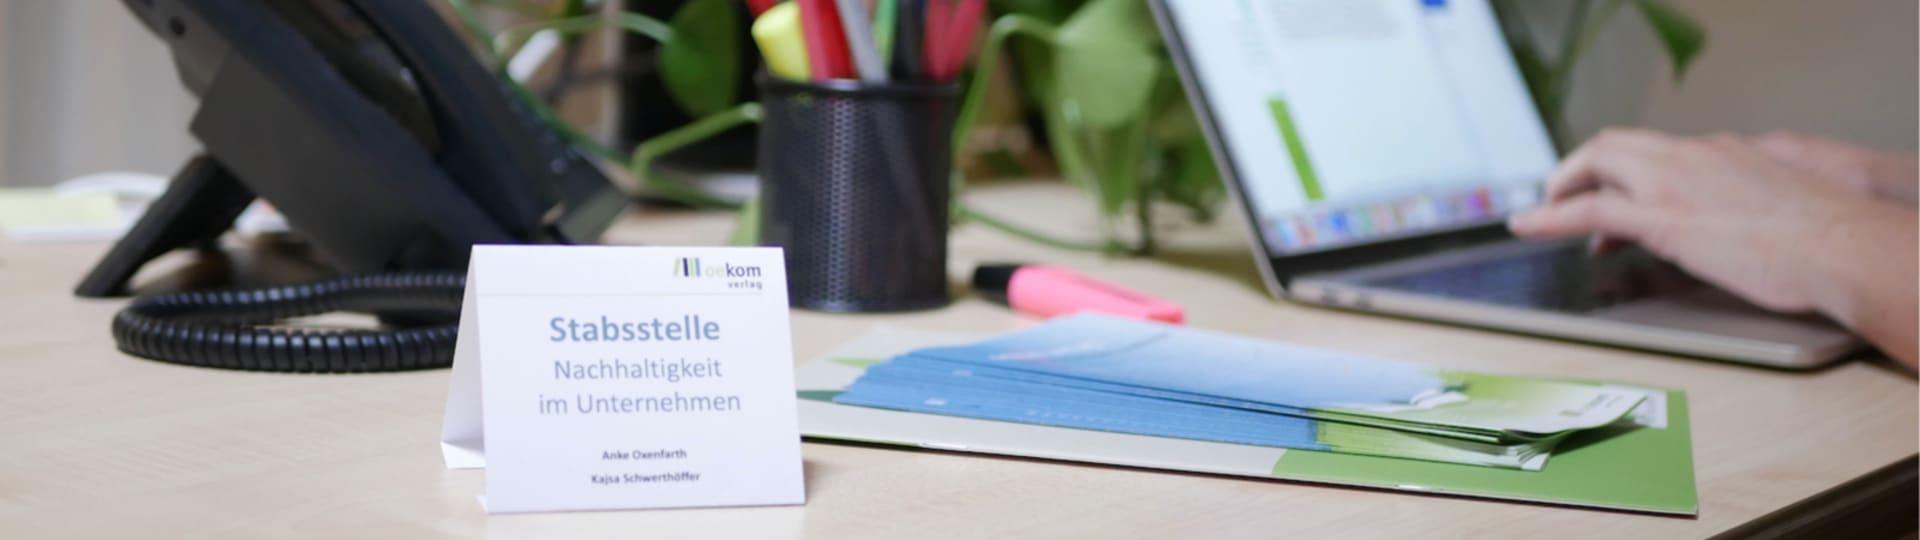 Arbeitsplatz mit Schild »Stabstelle Nachhaltigkeit im Unternehmen«